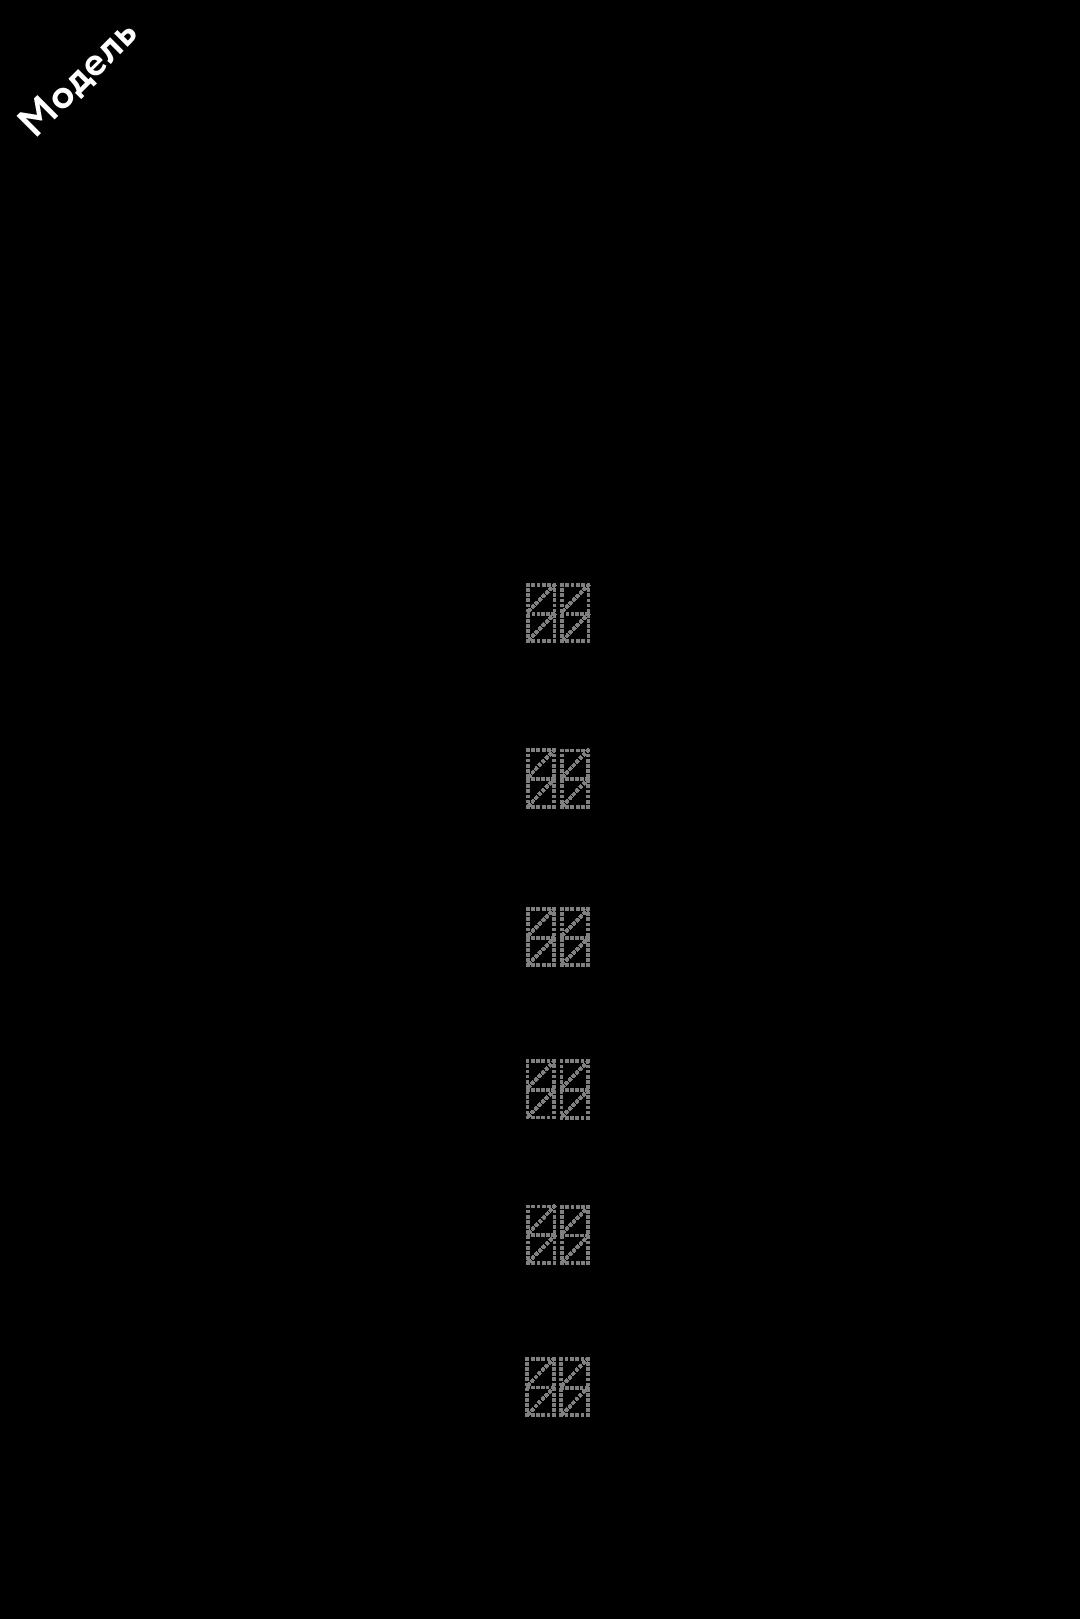 Без Купюр Новий бюлетень і менші розміри застави - зміни у Виборчому кодексі Україна сьогодні  ОПОРА місцеві вибори Виборчий кодекс вибори 2020 2020 рік